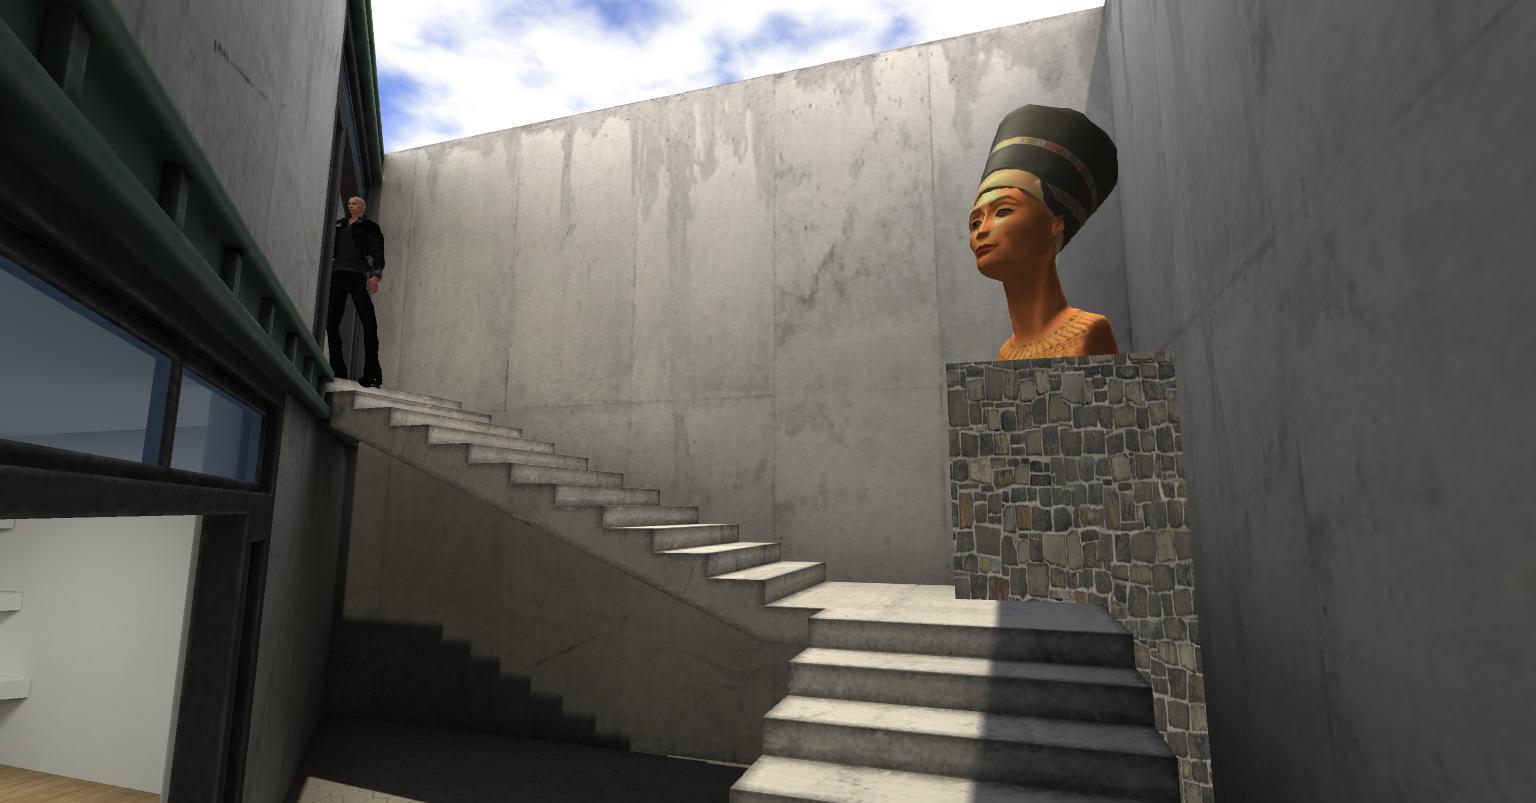 image_WIDJ_private stairwell 02_001.jpg